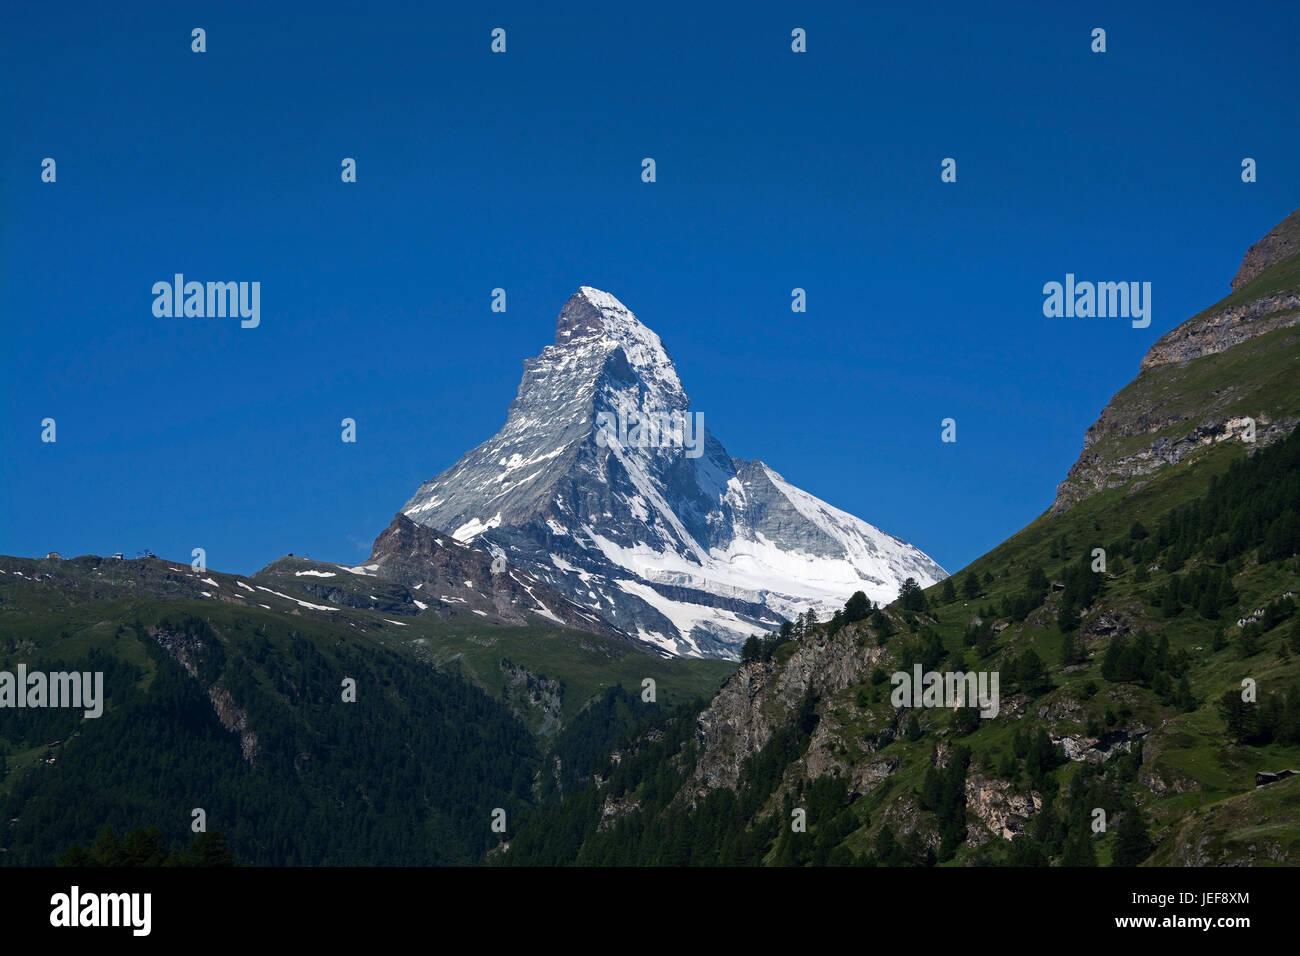 Das Matterhorn in der Schweiz ist einer der höchsten Berge der Alpen mit 4478 Meter Höhe, Das Matterhorn Stockbild